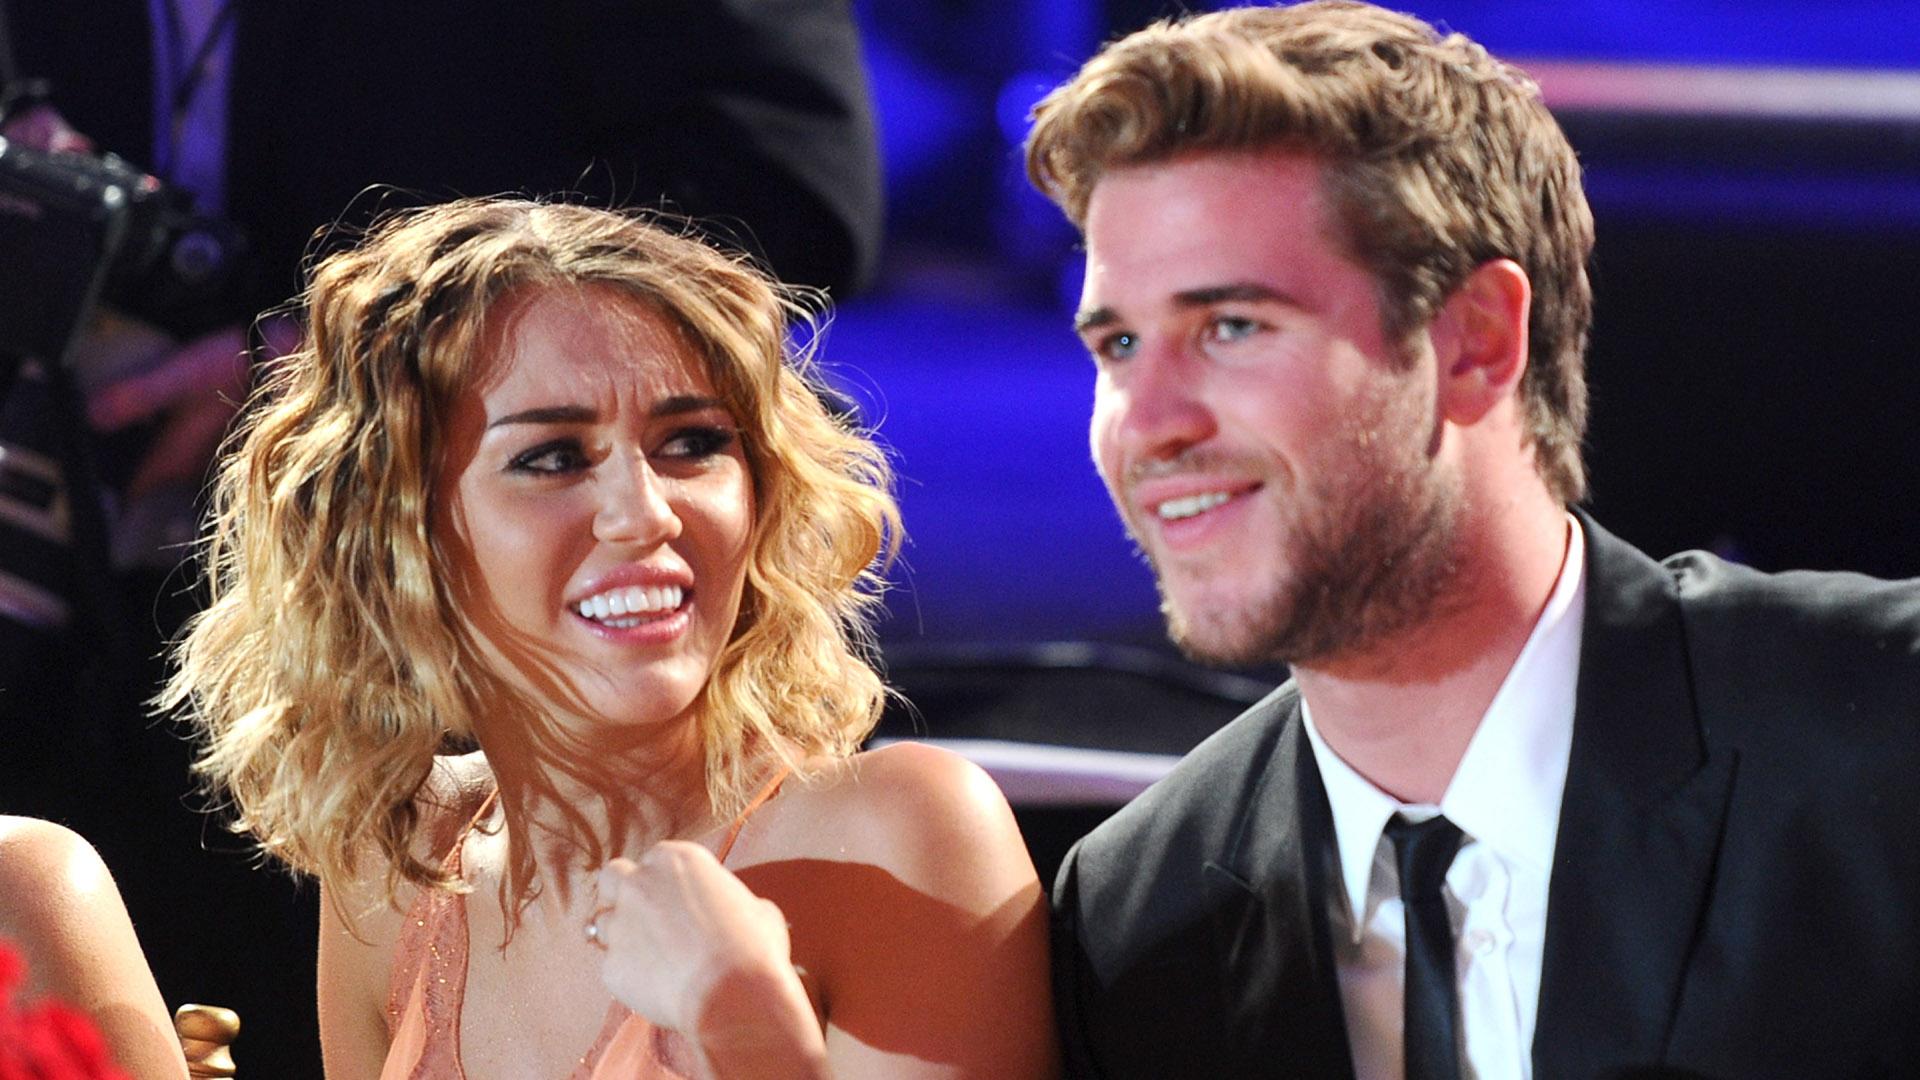 Miley Cyrus Liam Hemsworth 201292136472-159532